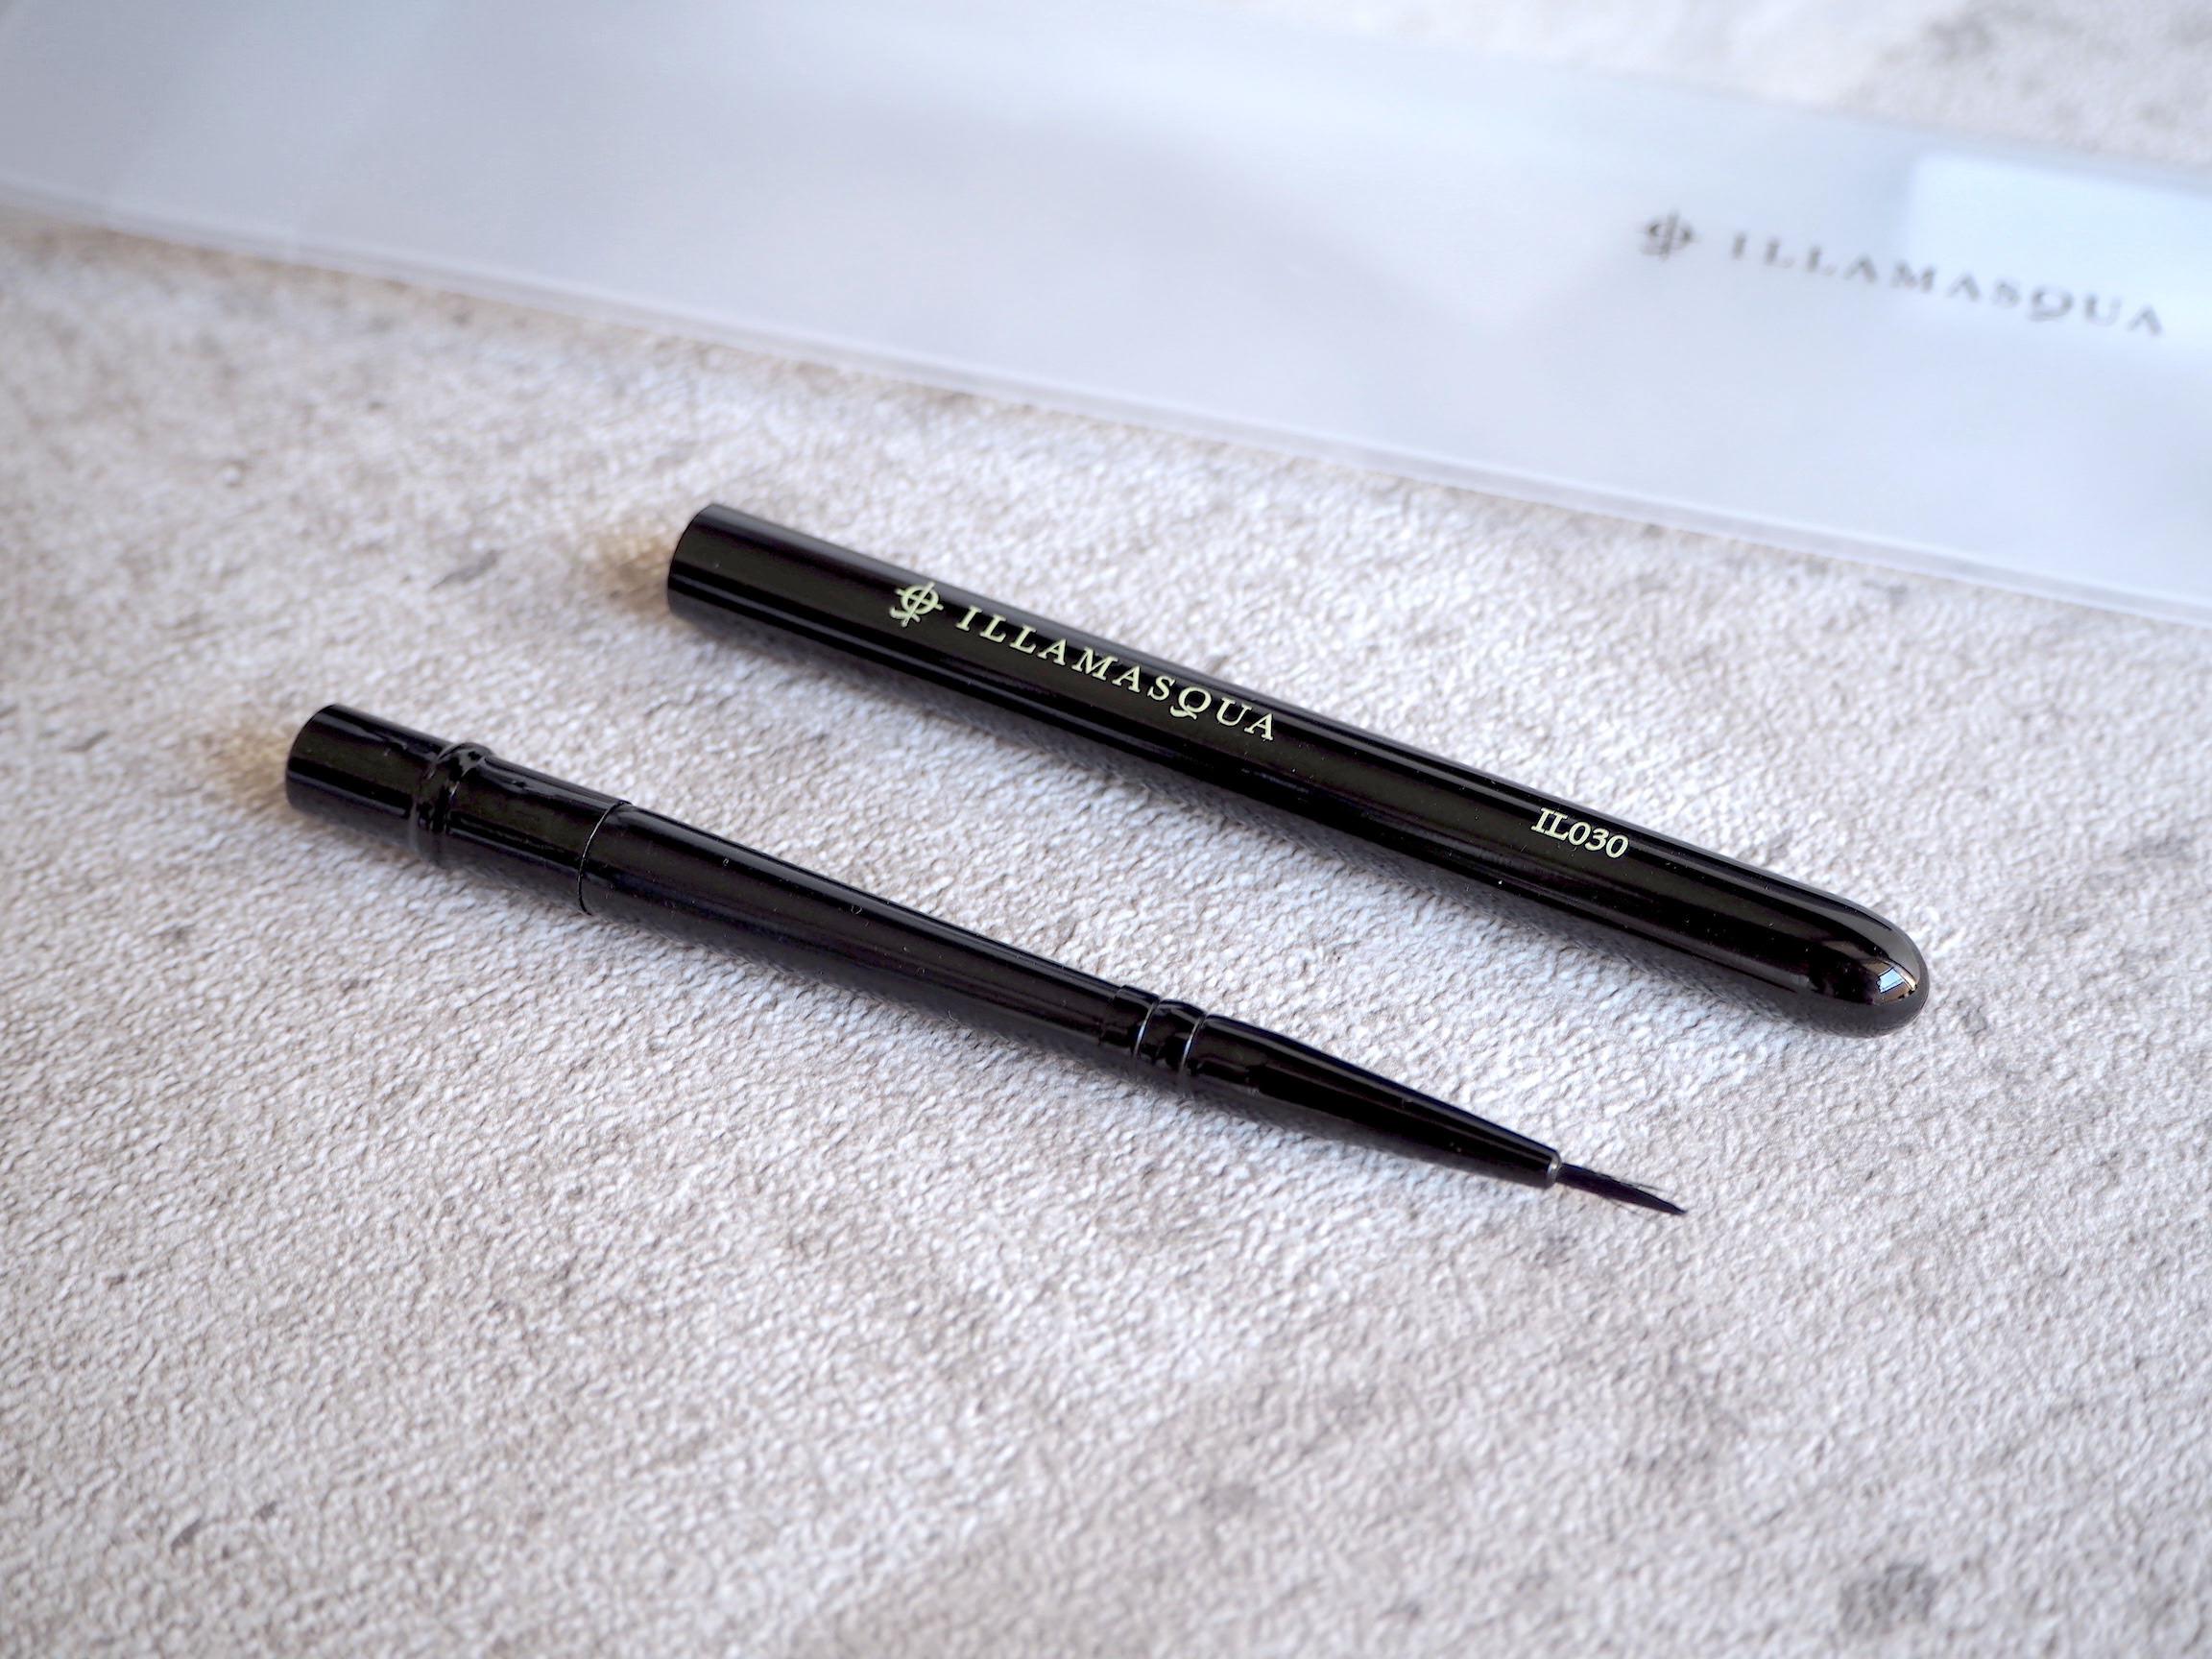 Illamasqua Fine Eyeliner Brush with Cover